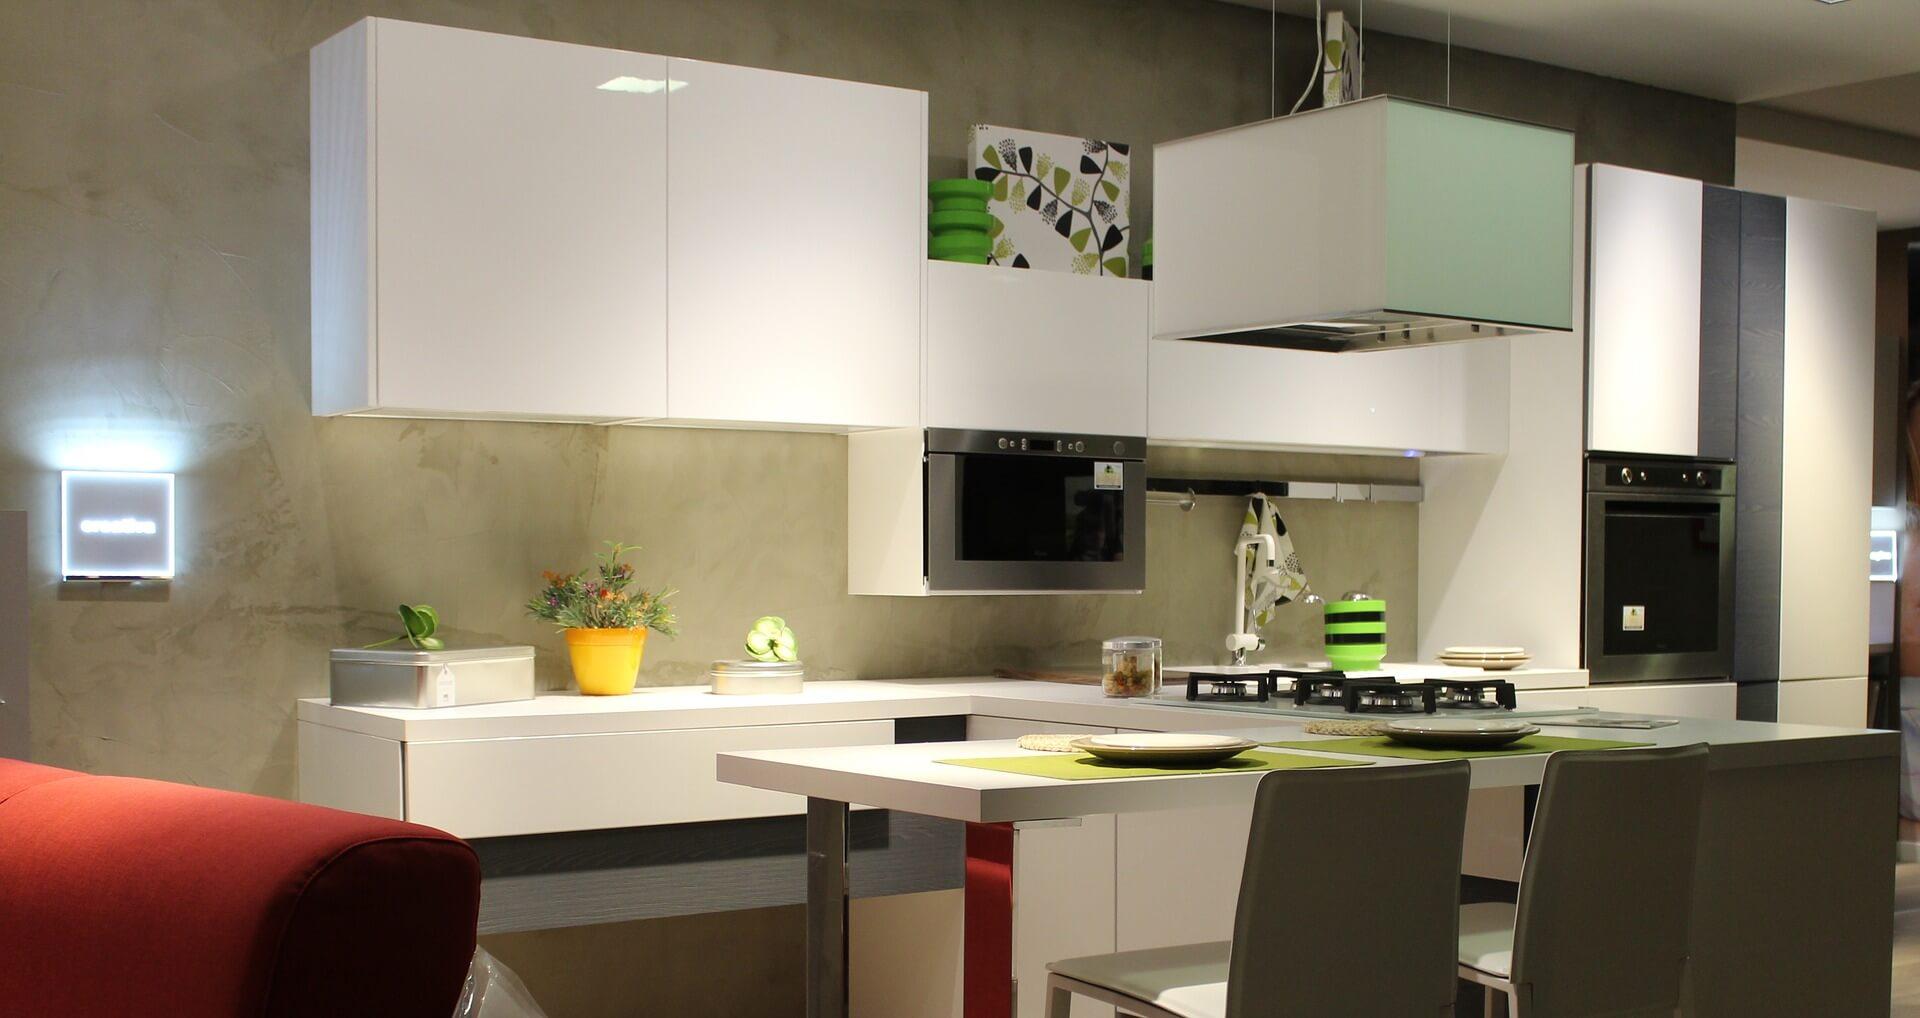 7 Kitchen Cleaning Tricks That Really Work – Interior Design